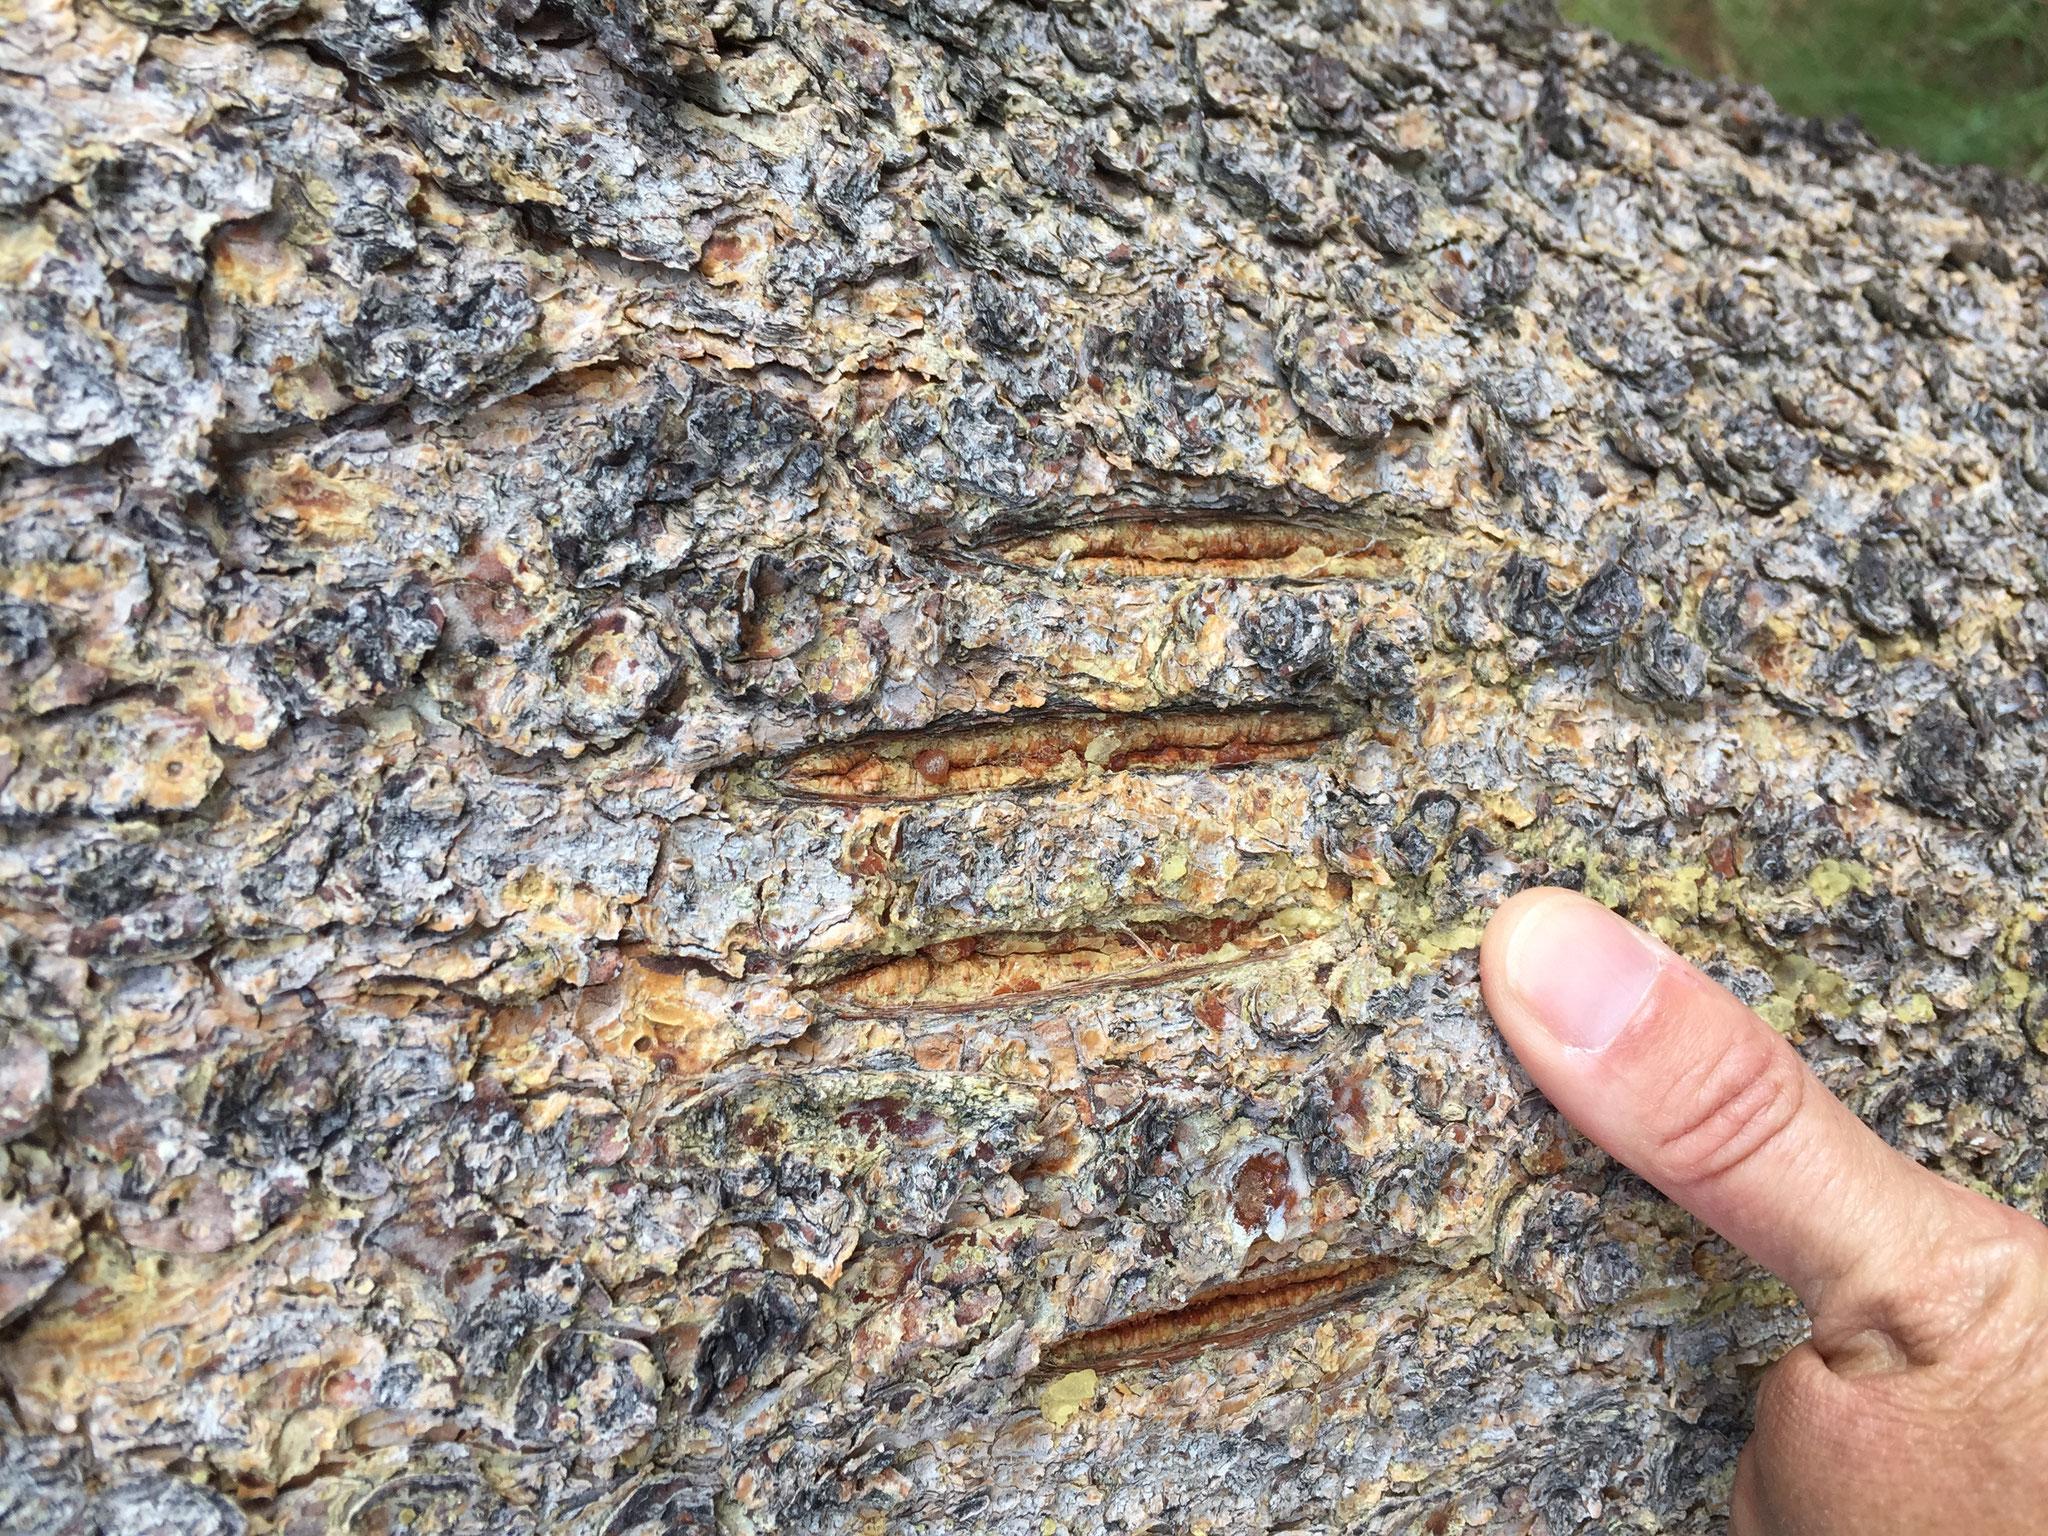 Les traces laissées par les êtres vivants permettent d'appréhender la biodiversité ( griffes de grizzly, Grand Teton, USA)